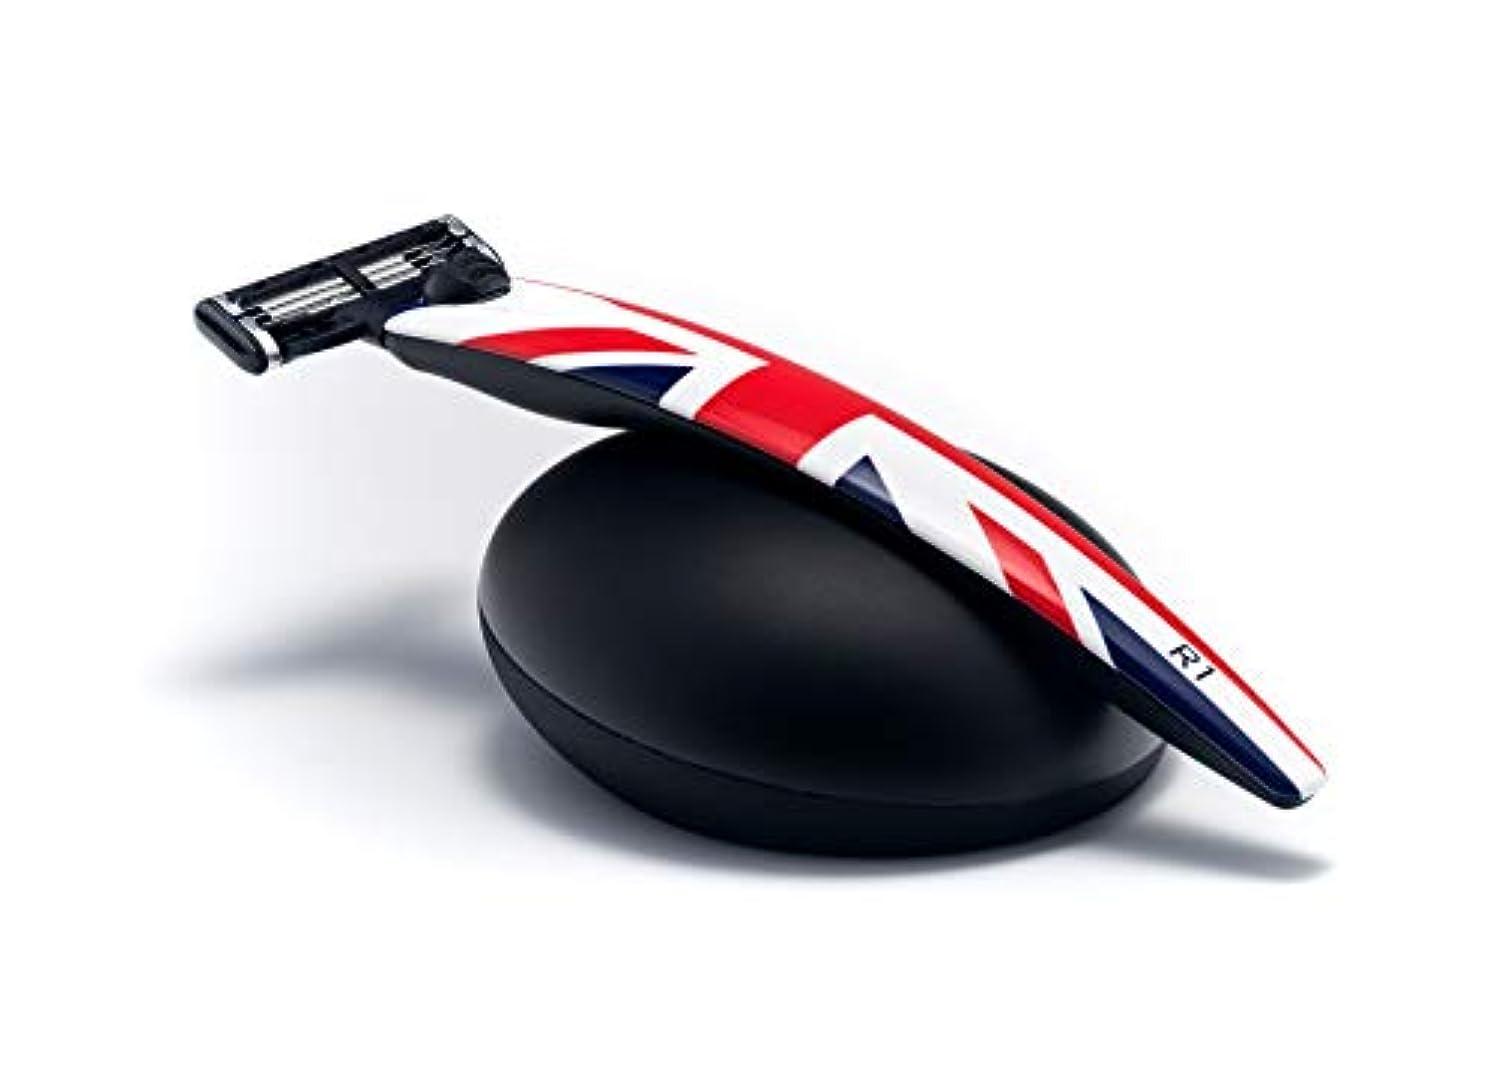 記念碑干渉する手綱イギリス BolinWebb カミソリ 名車と同じ塗装を施した プレミアムシェーバー R1 Jack ギフトセット モデル 替刃はジレット 3枚刃 マッハ3 に対応